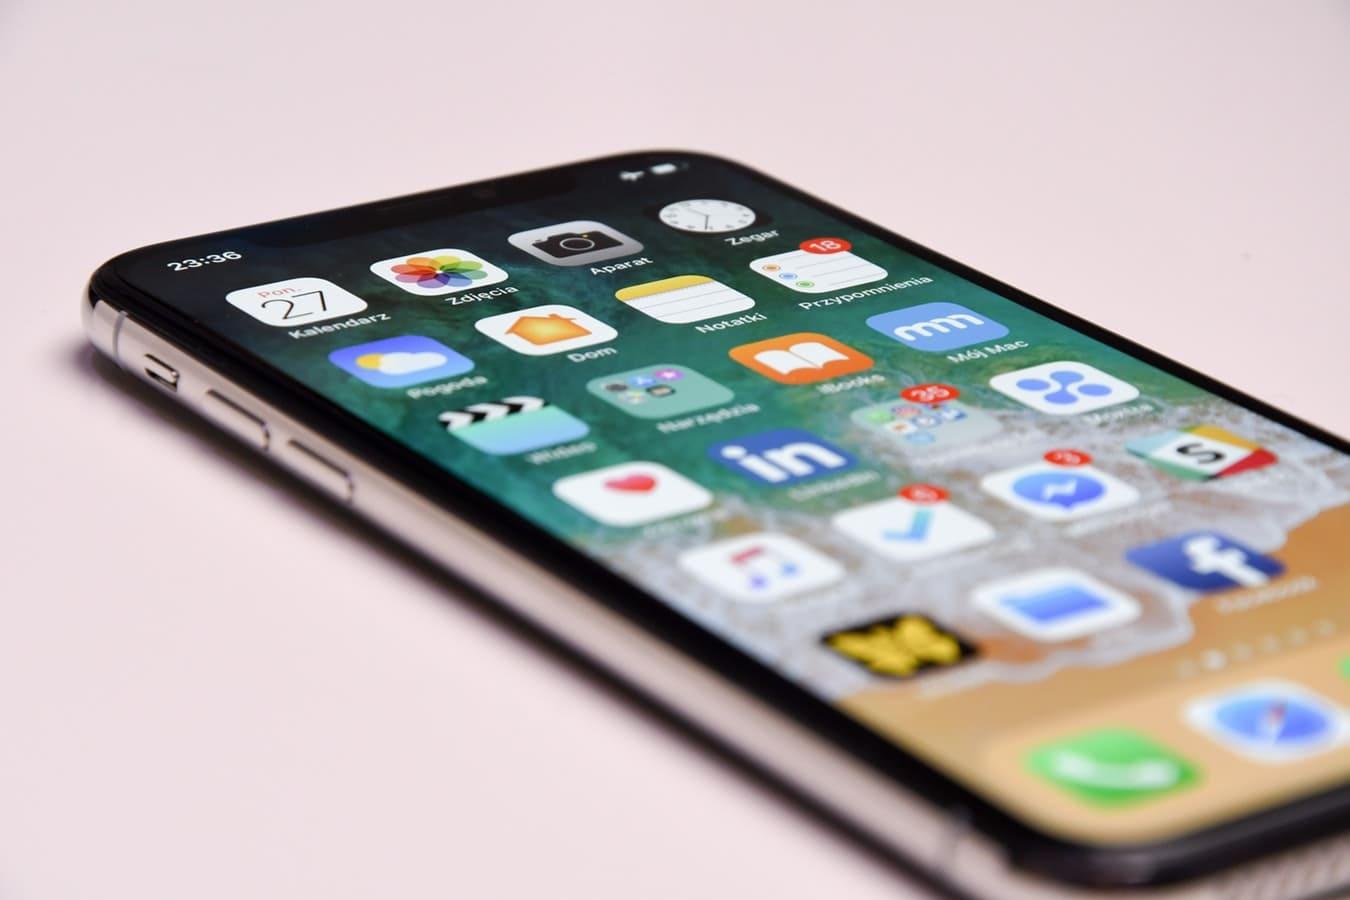 法人携帯のコスト削減とは?MVNOの契約比較、値下げの方法までわかりやすく